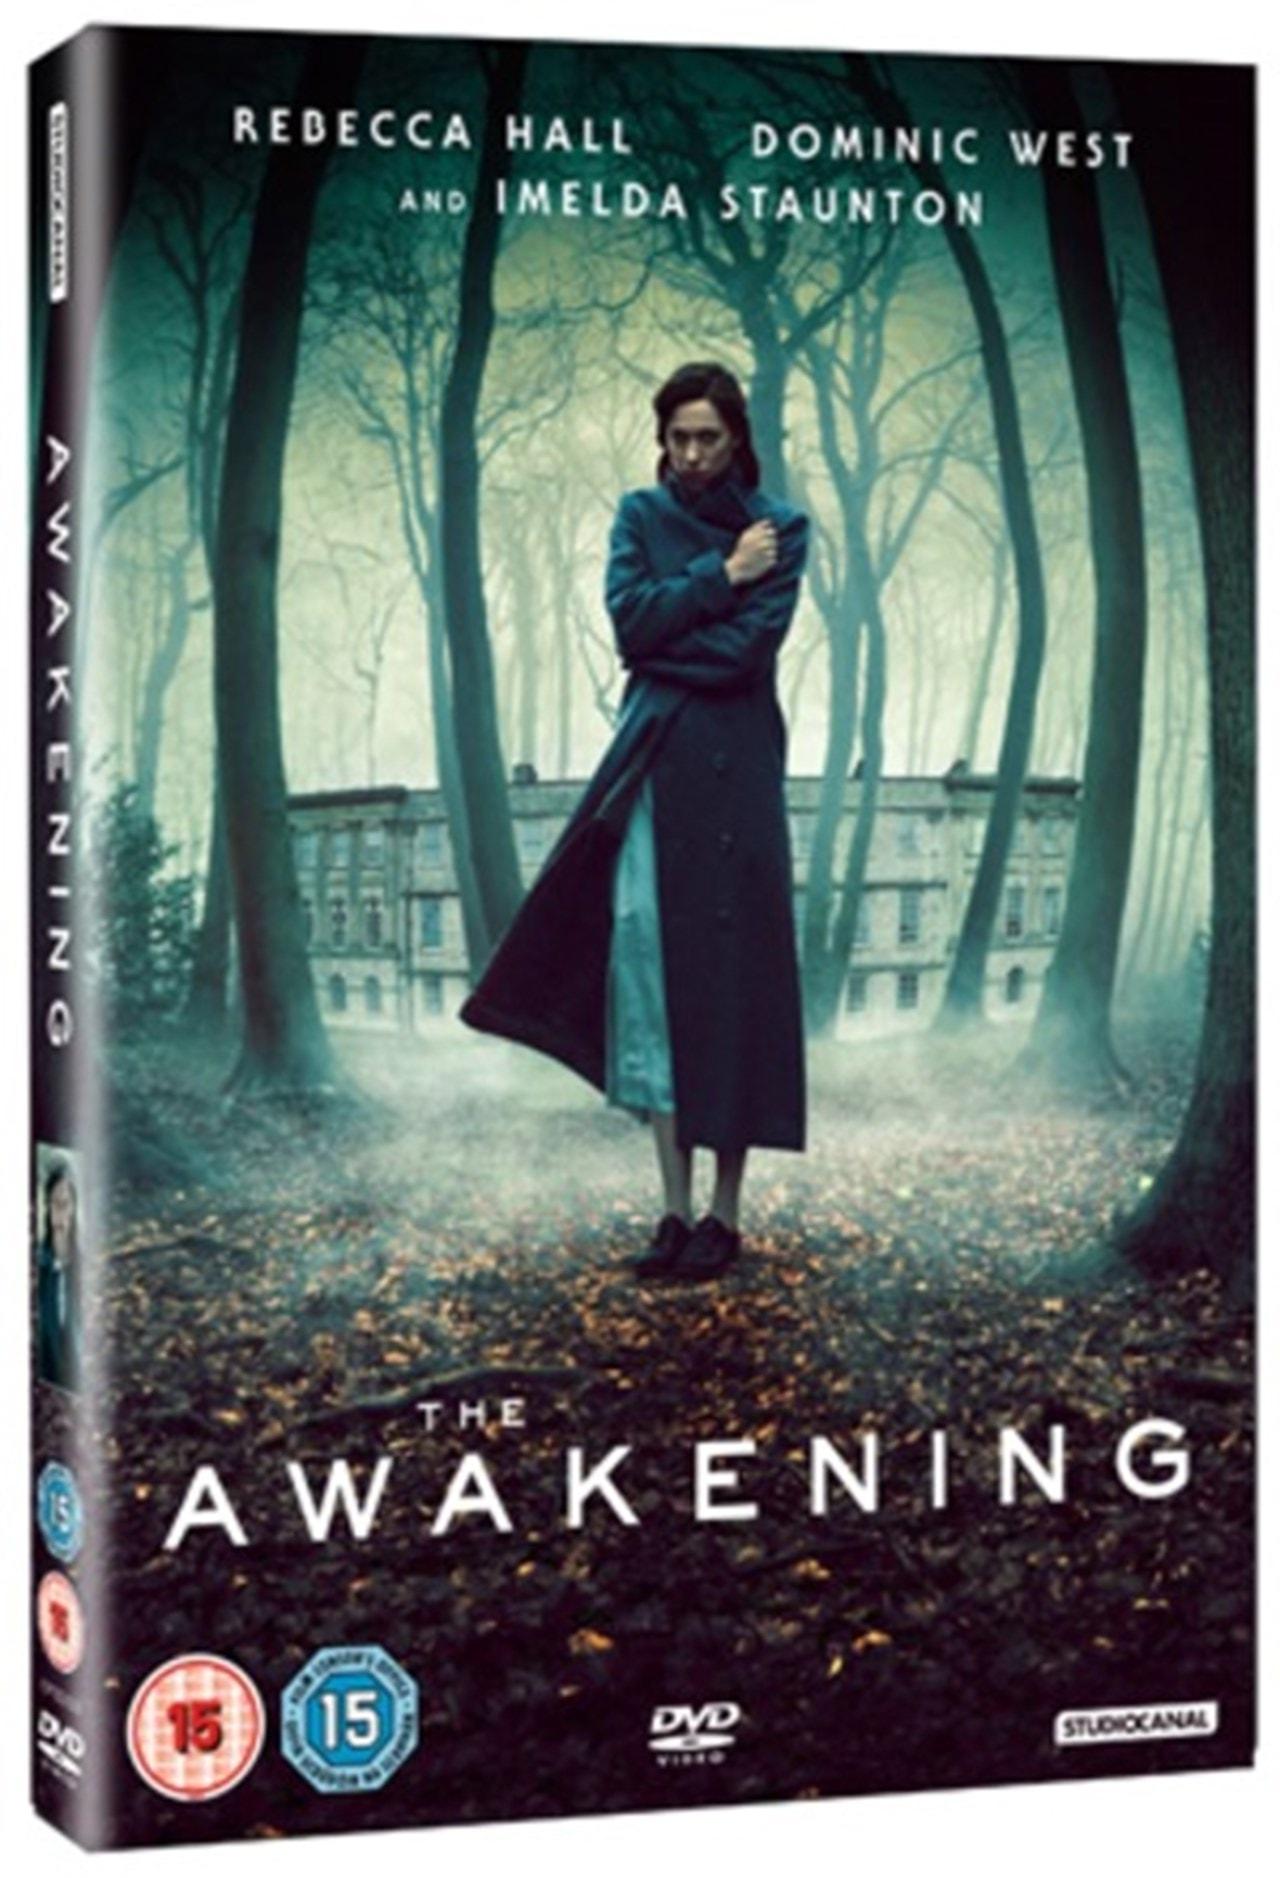 The Awakening - 1